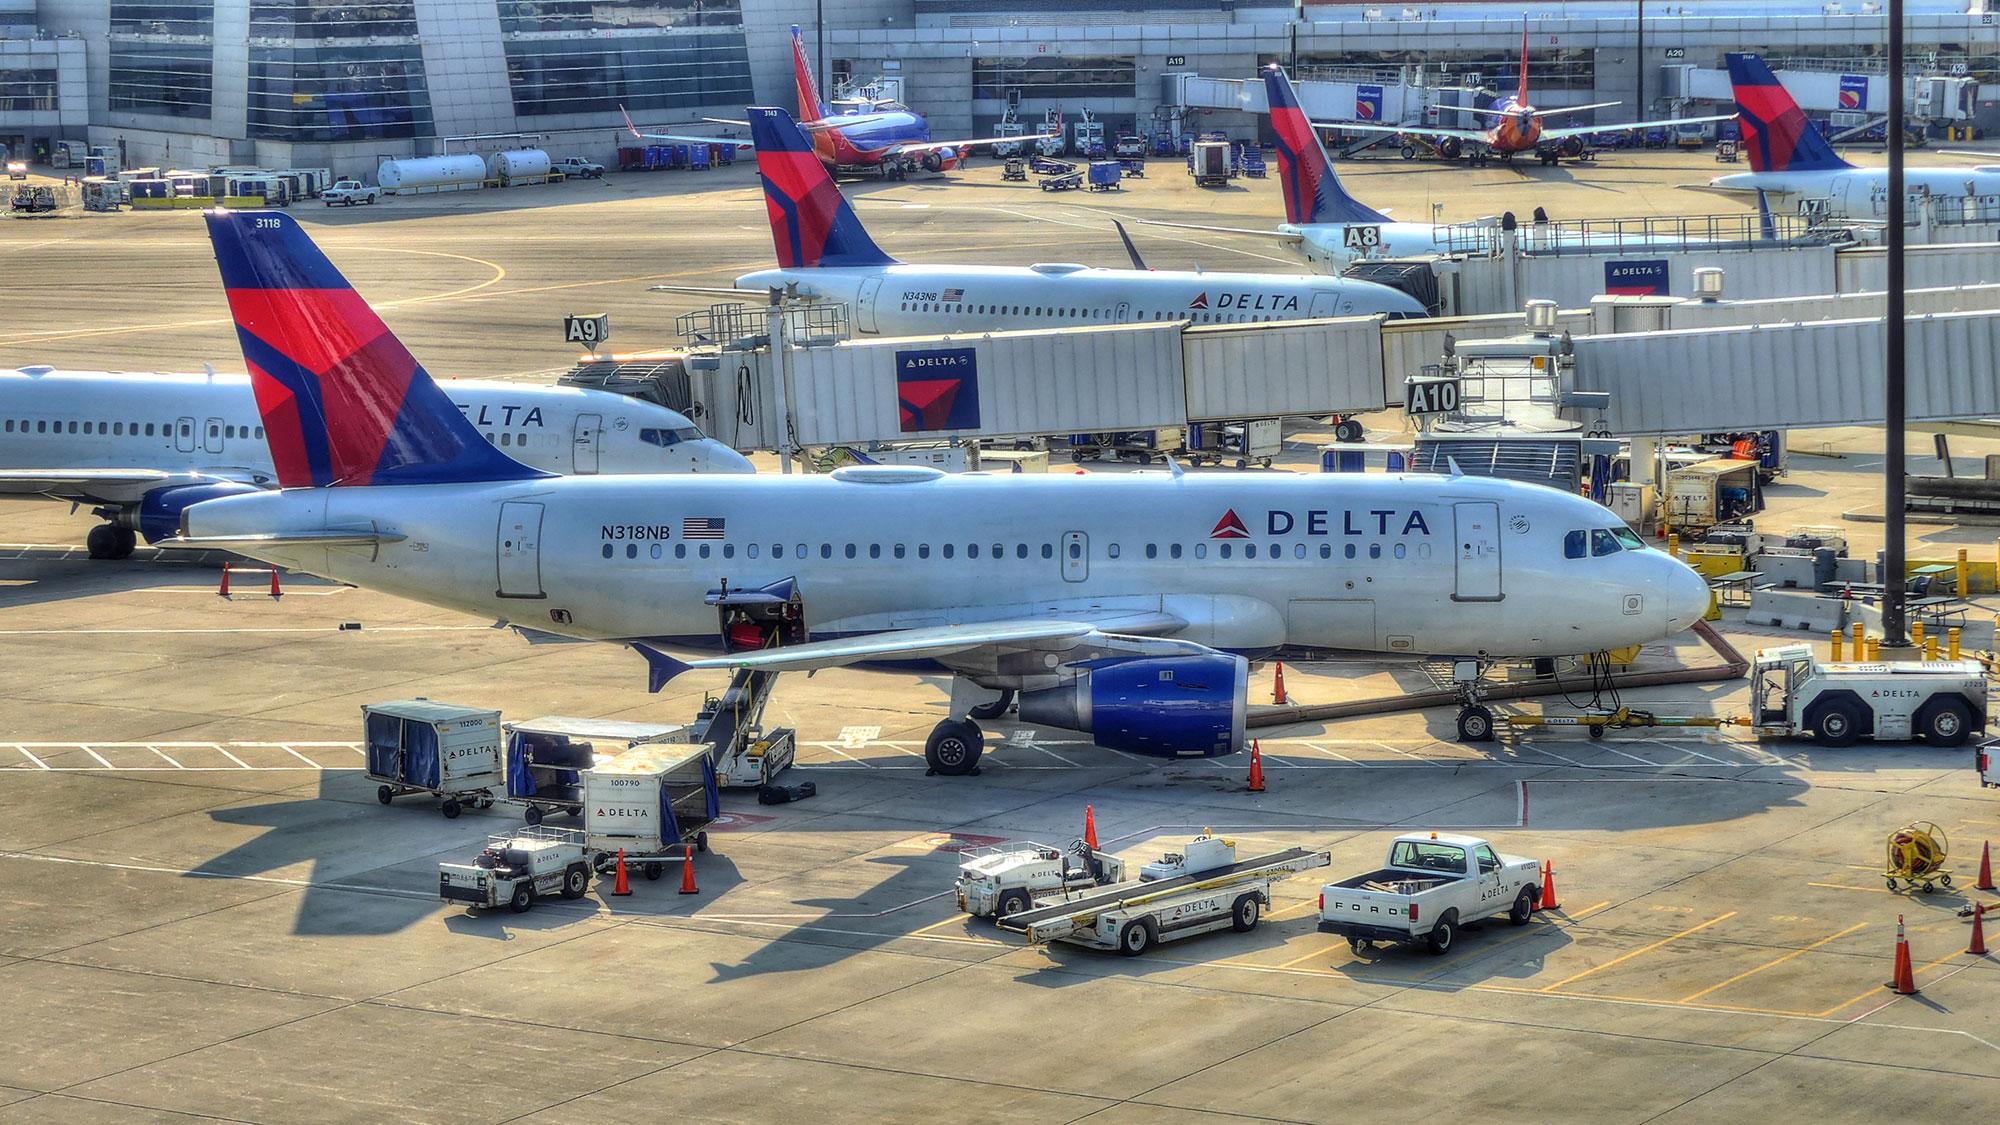 Delta Boston [Credit: QualityHD/Shutterstock.com]